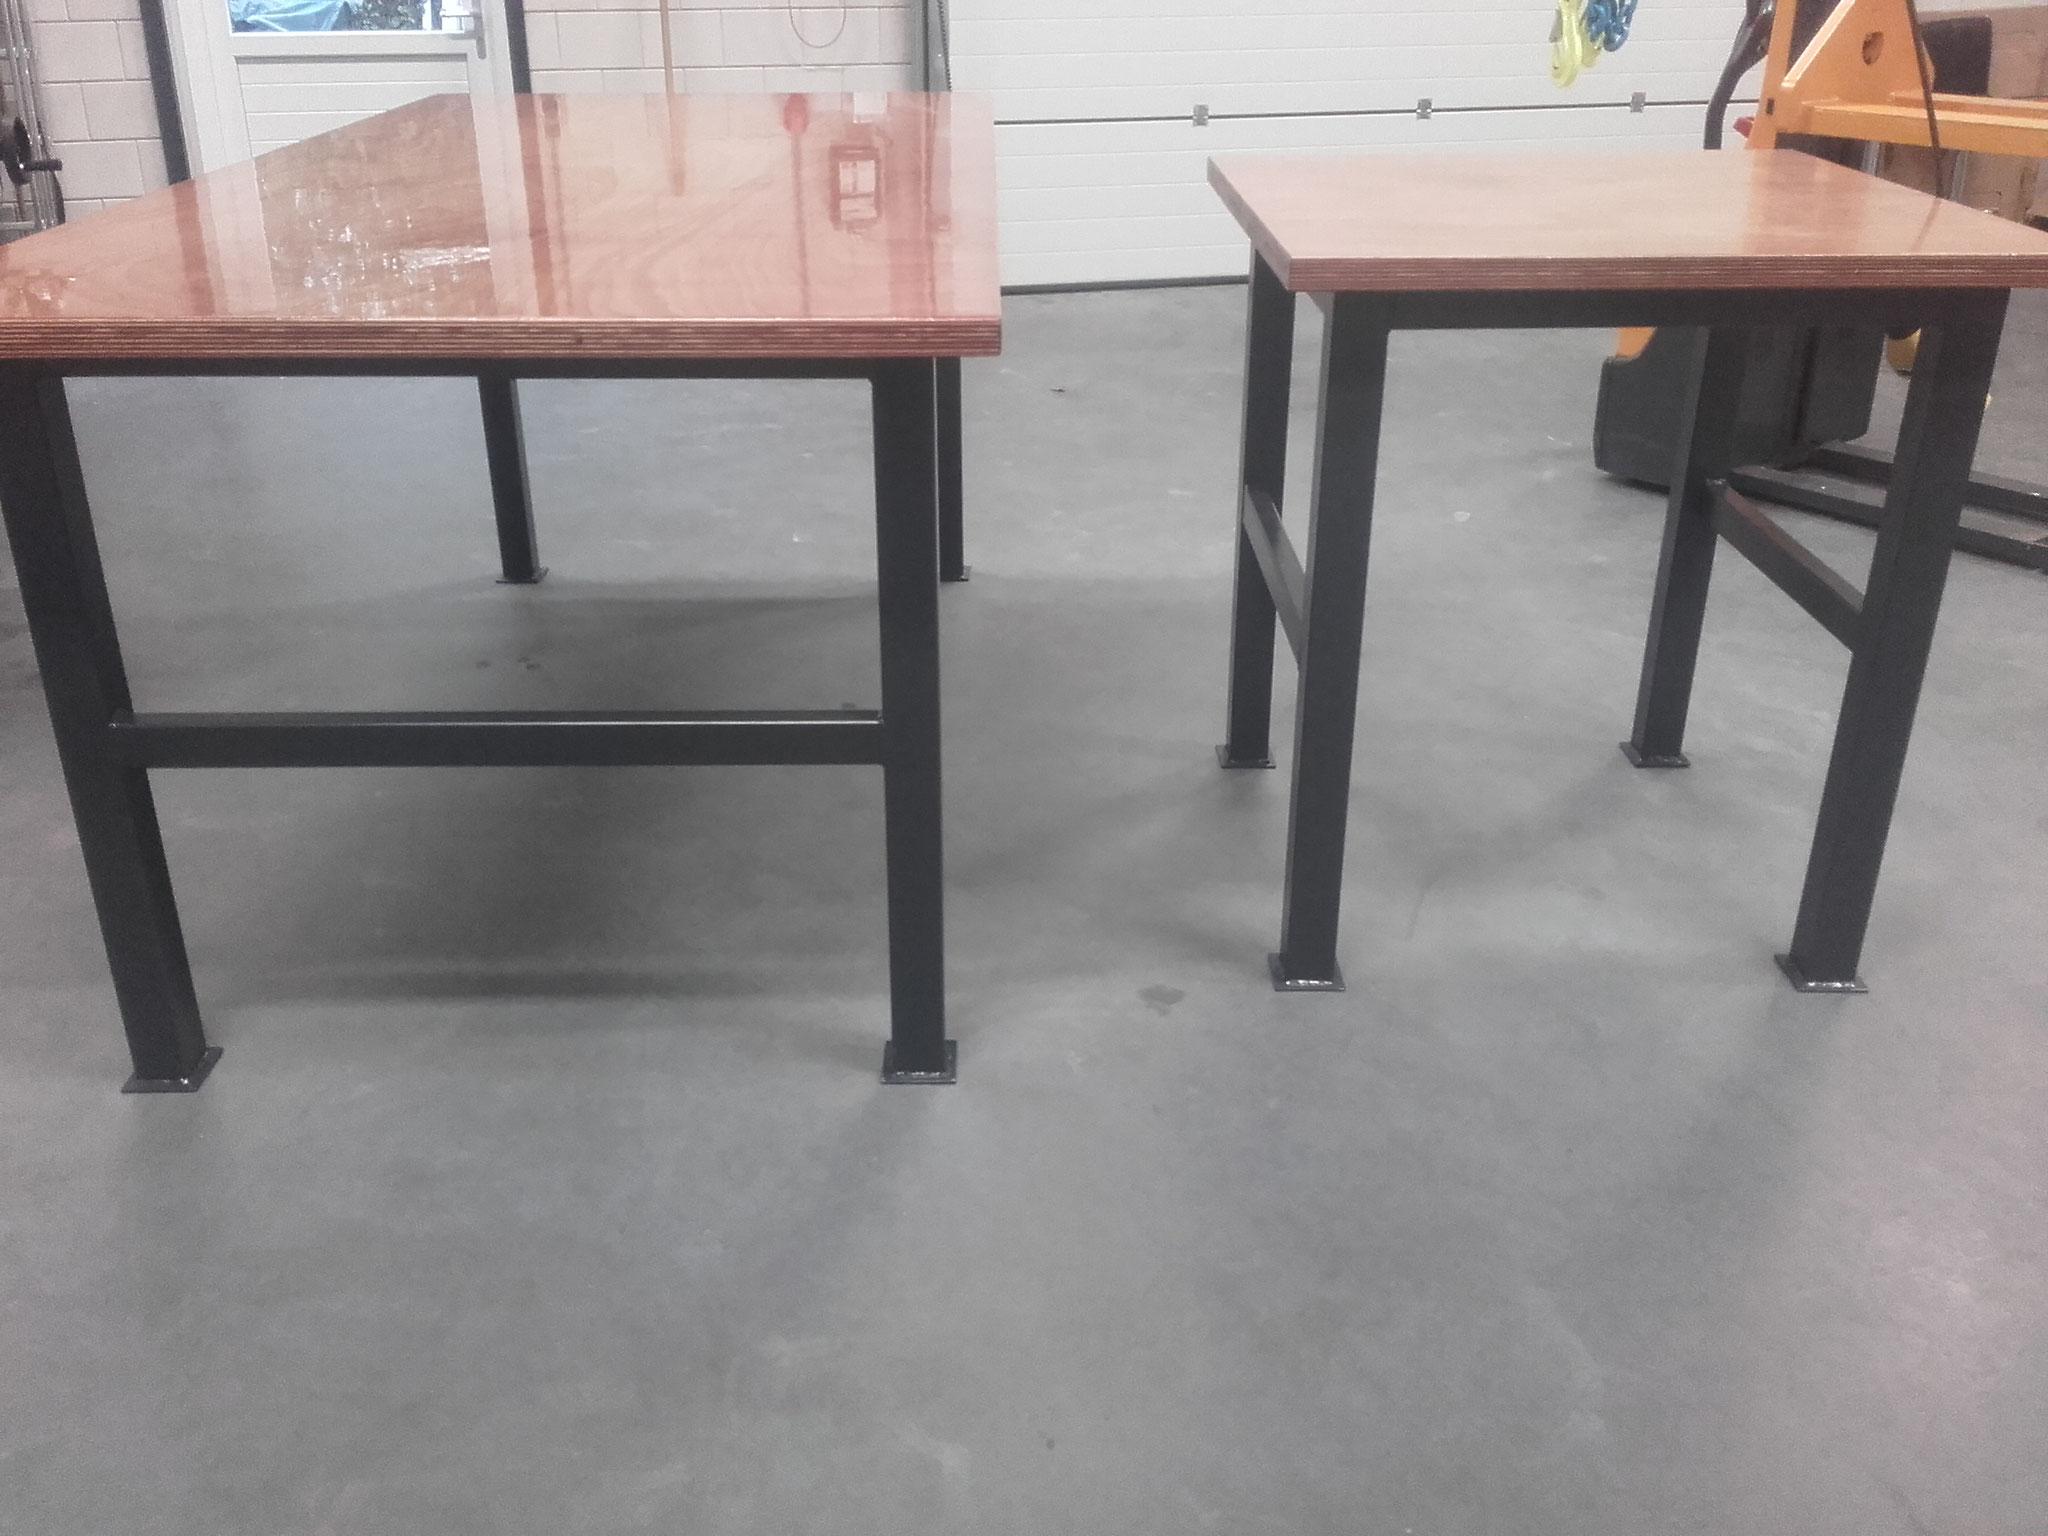 Stevige werkplaats tafels met houten blad geleverd